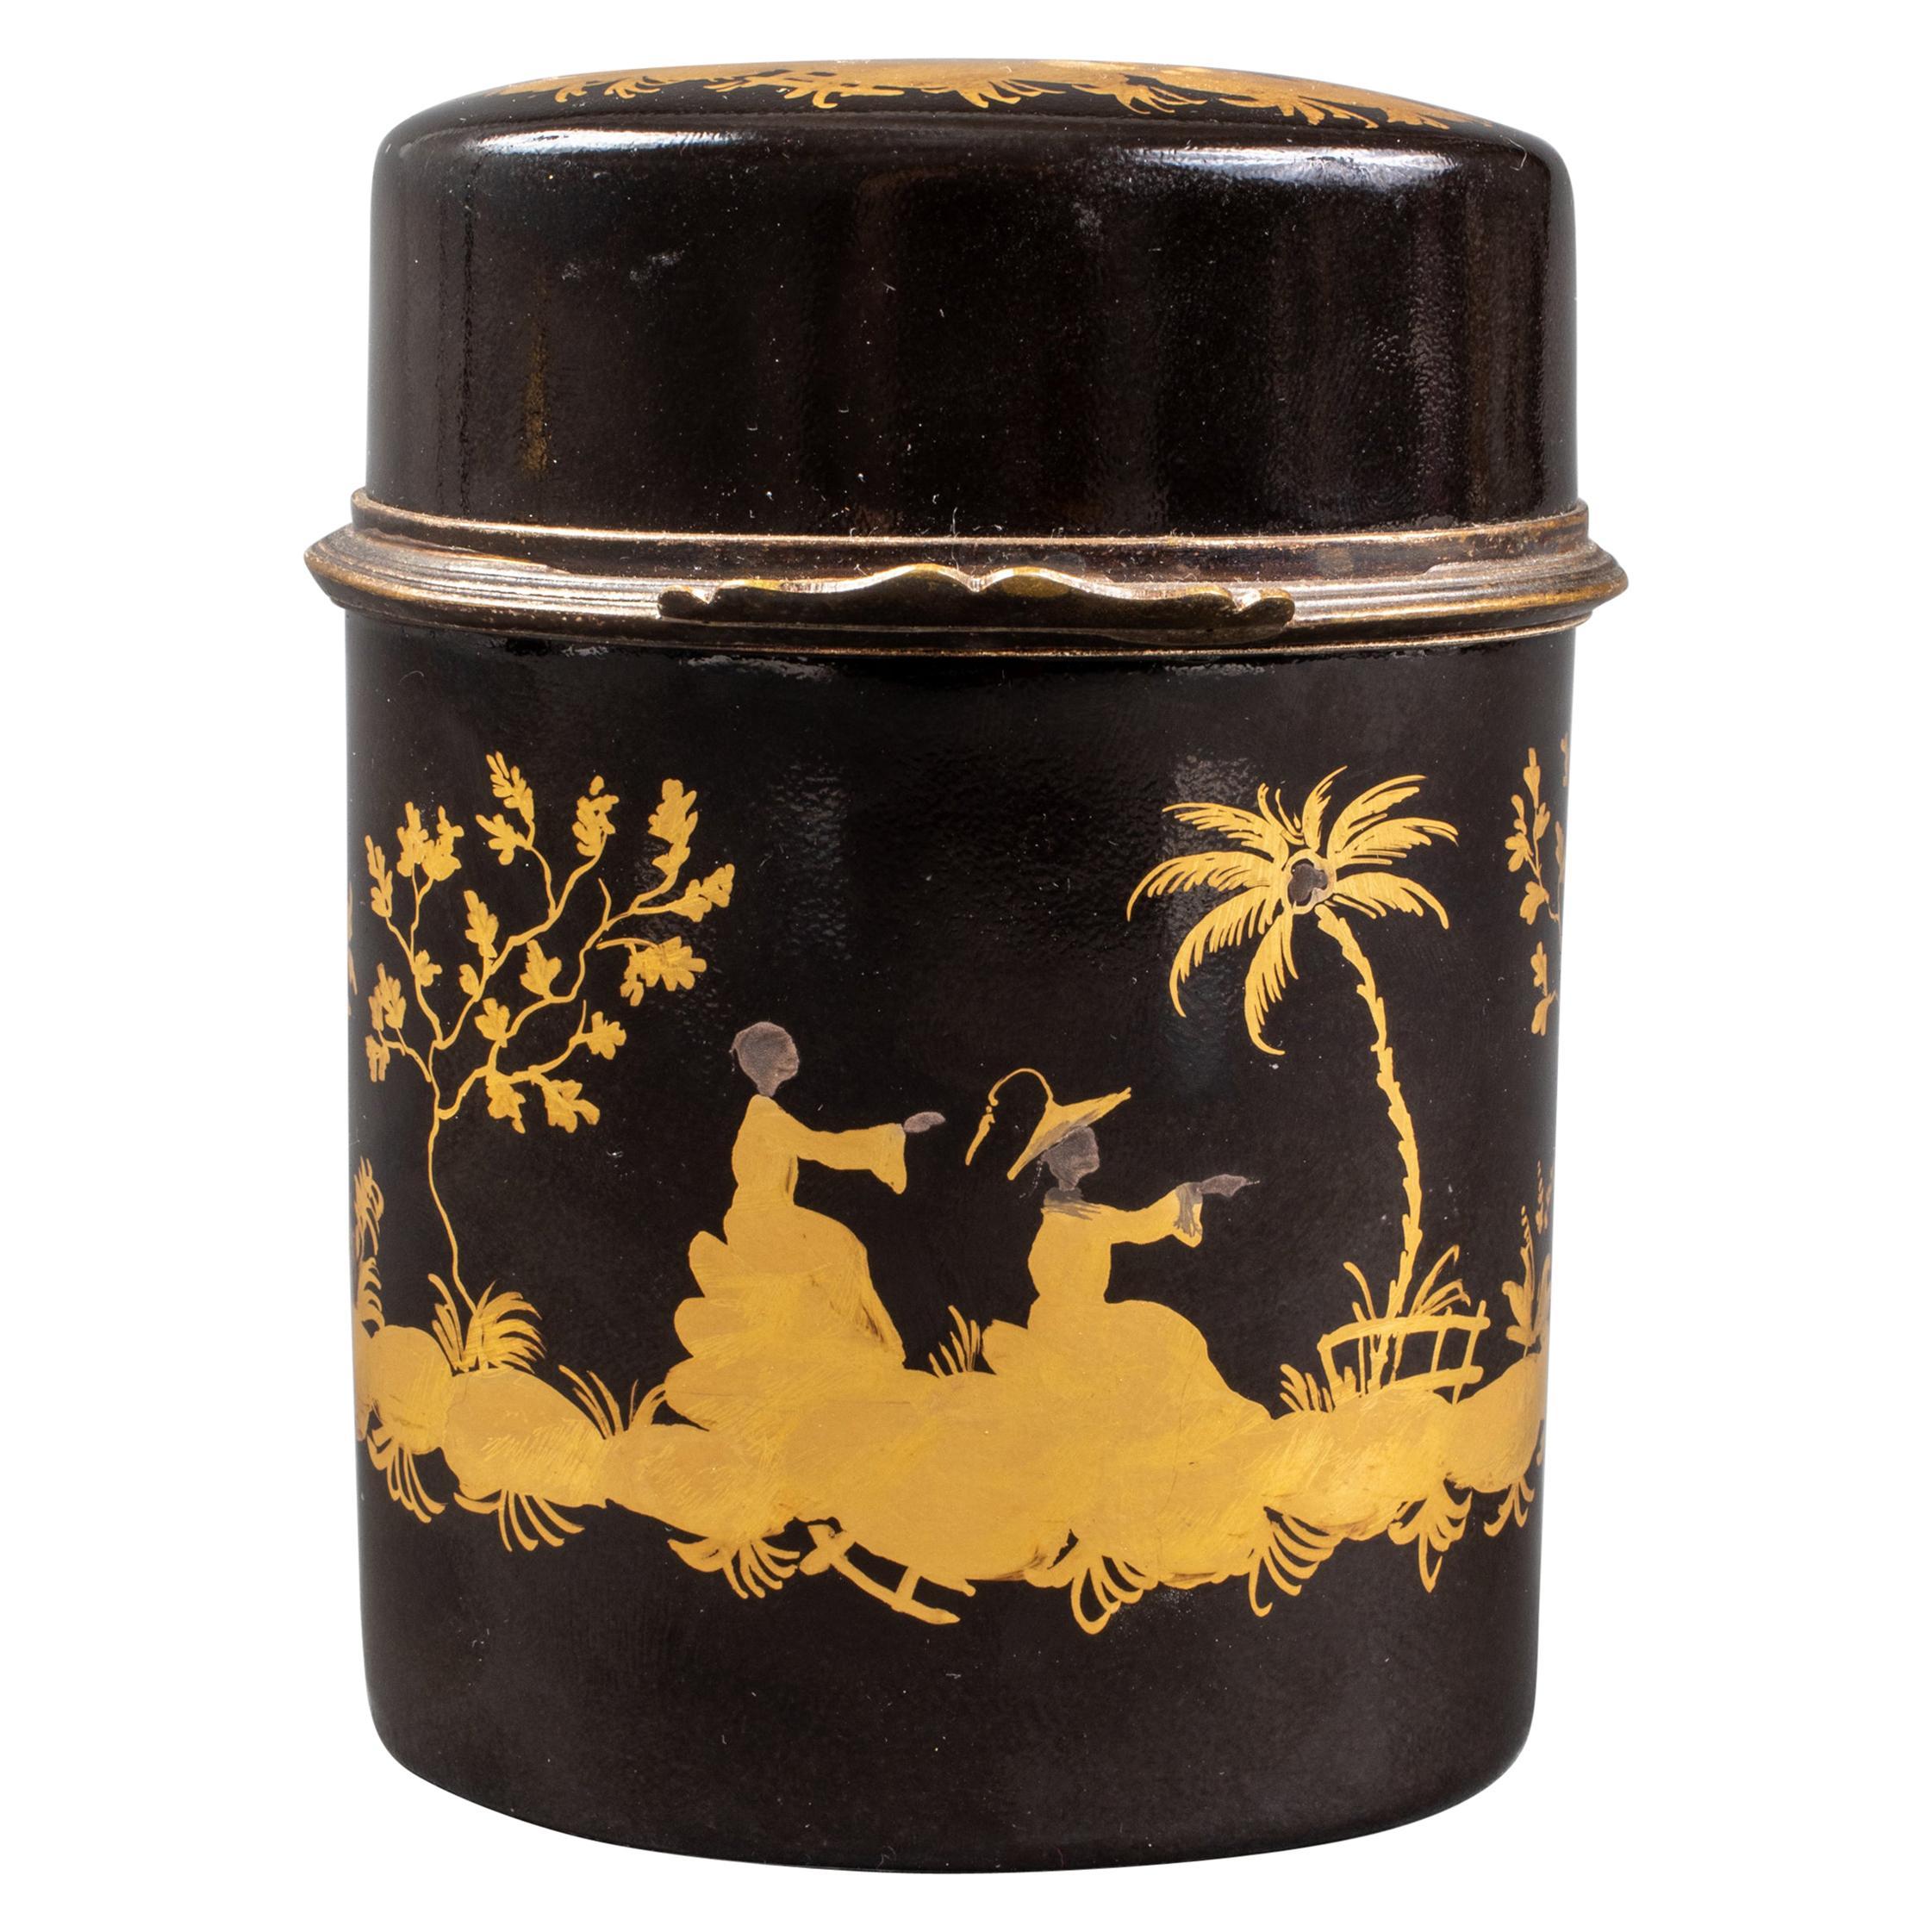 Le Tallec Paris Black Chinoiserie Porcelain Box